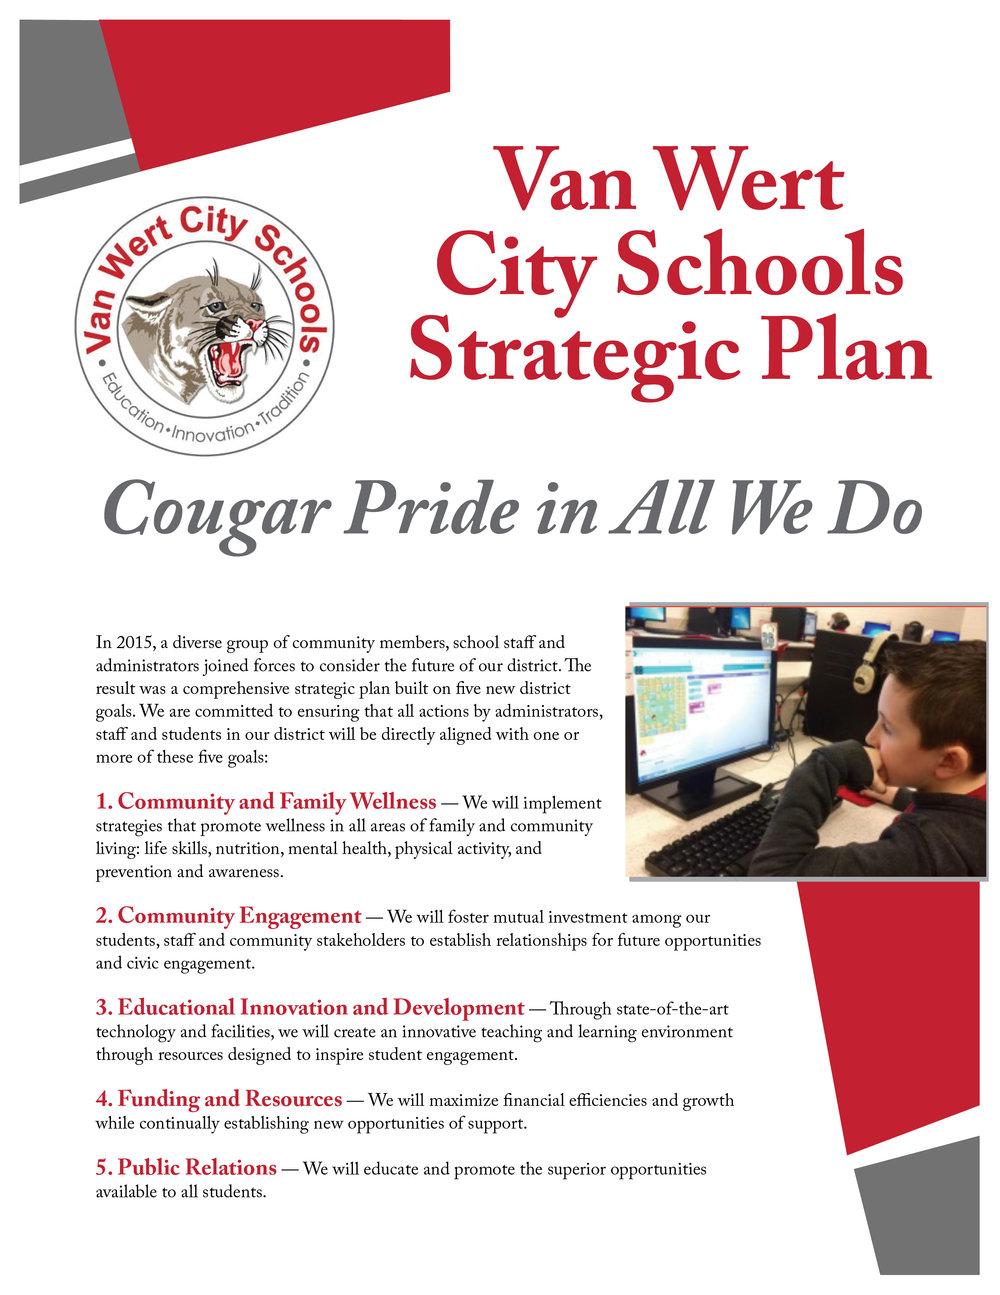 Van Wert City Schools Strategic Plan document thumbnail